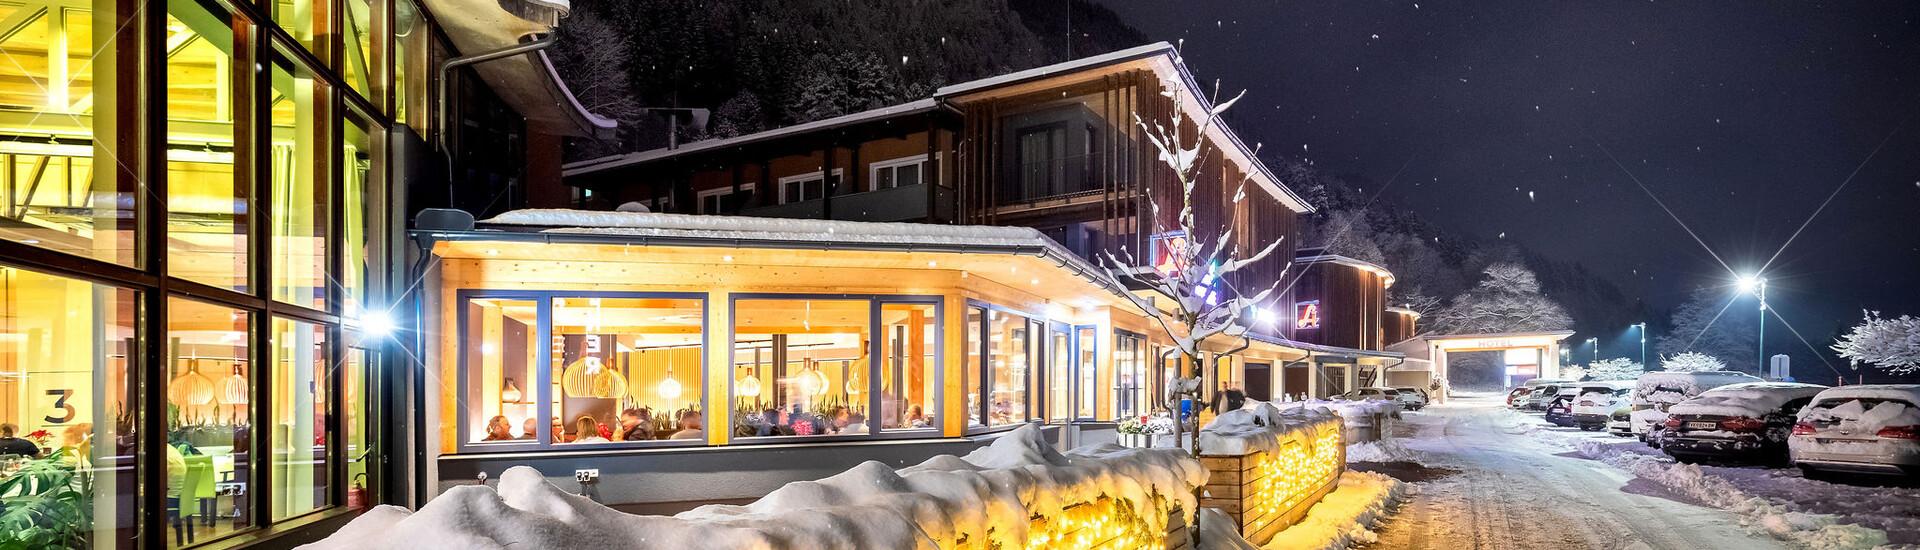 Die verschneite Zufahrt zum Hotel eduCARE, dem Hotel für Winterurlaub mit Hund in Kärnten